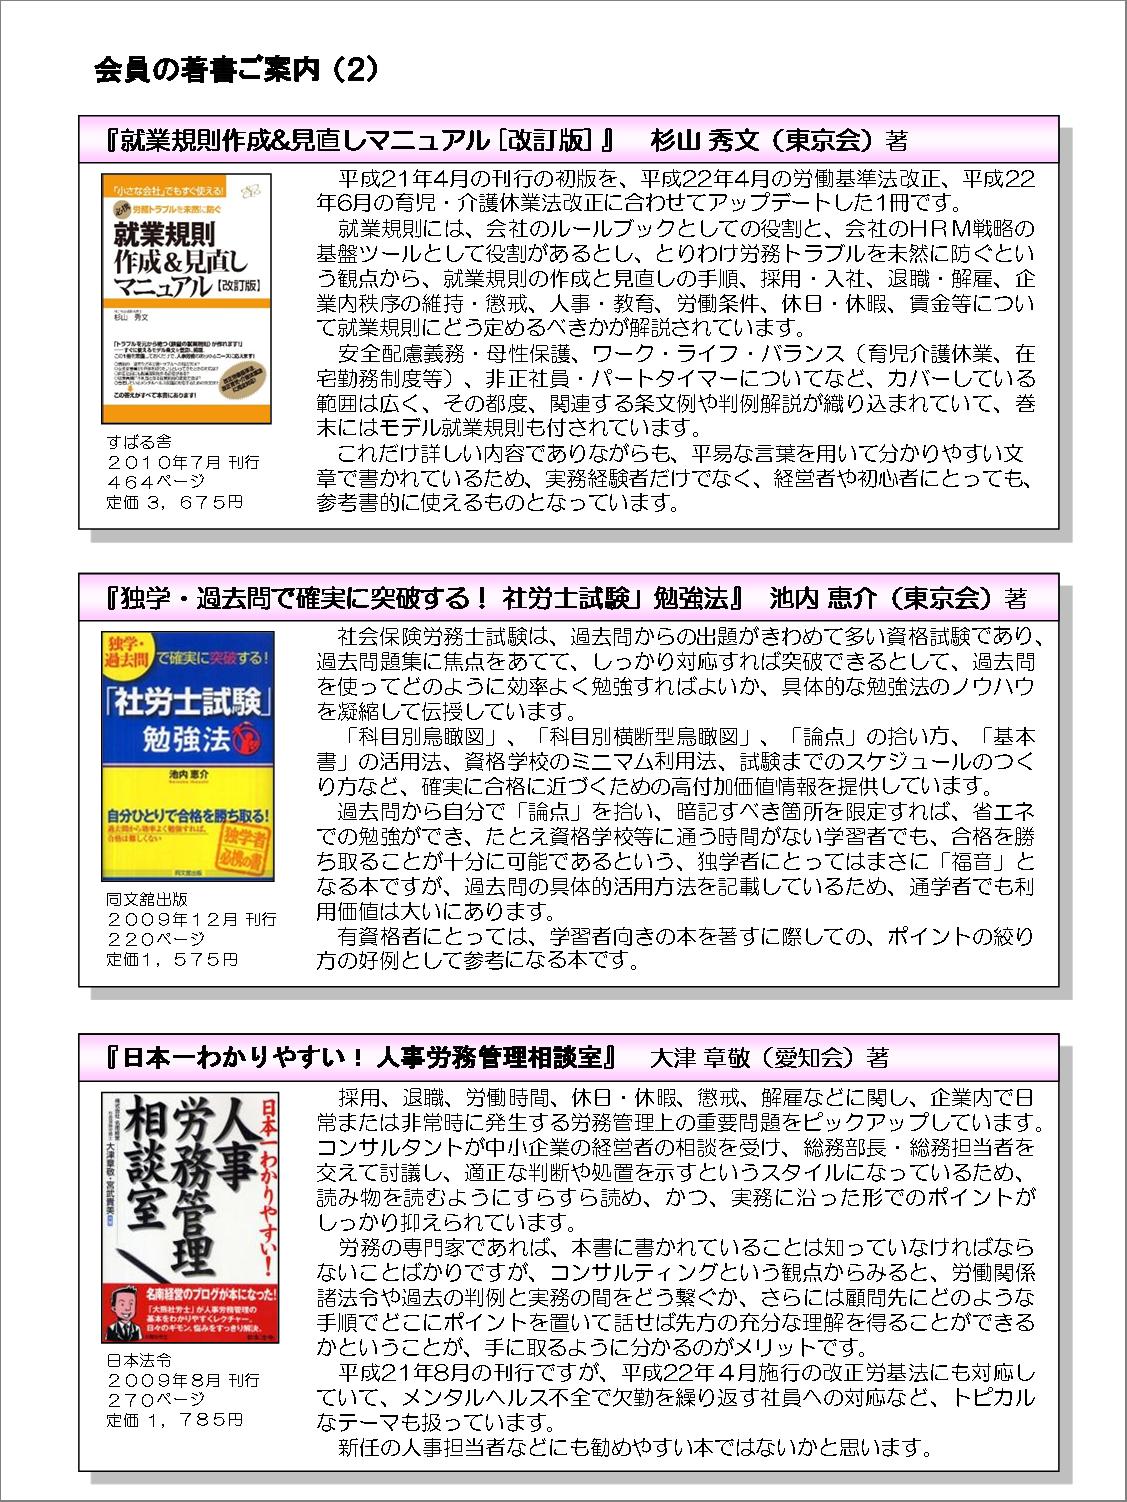 会員著書のご紹介(会報16 20101001)2